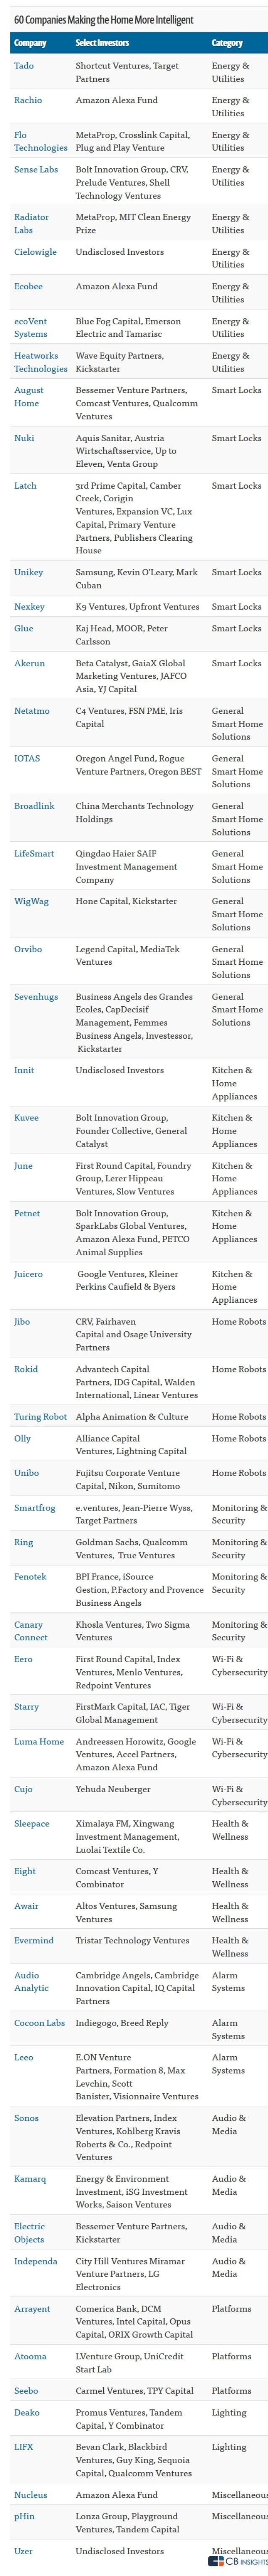 smarthome startup scene - list